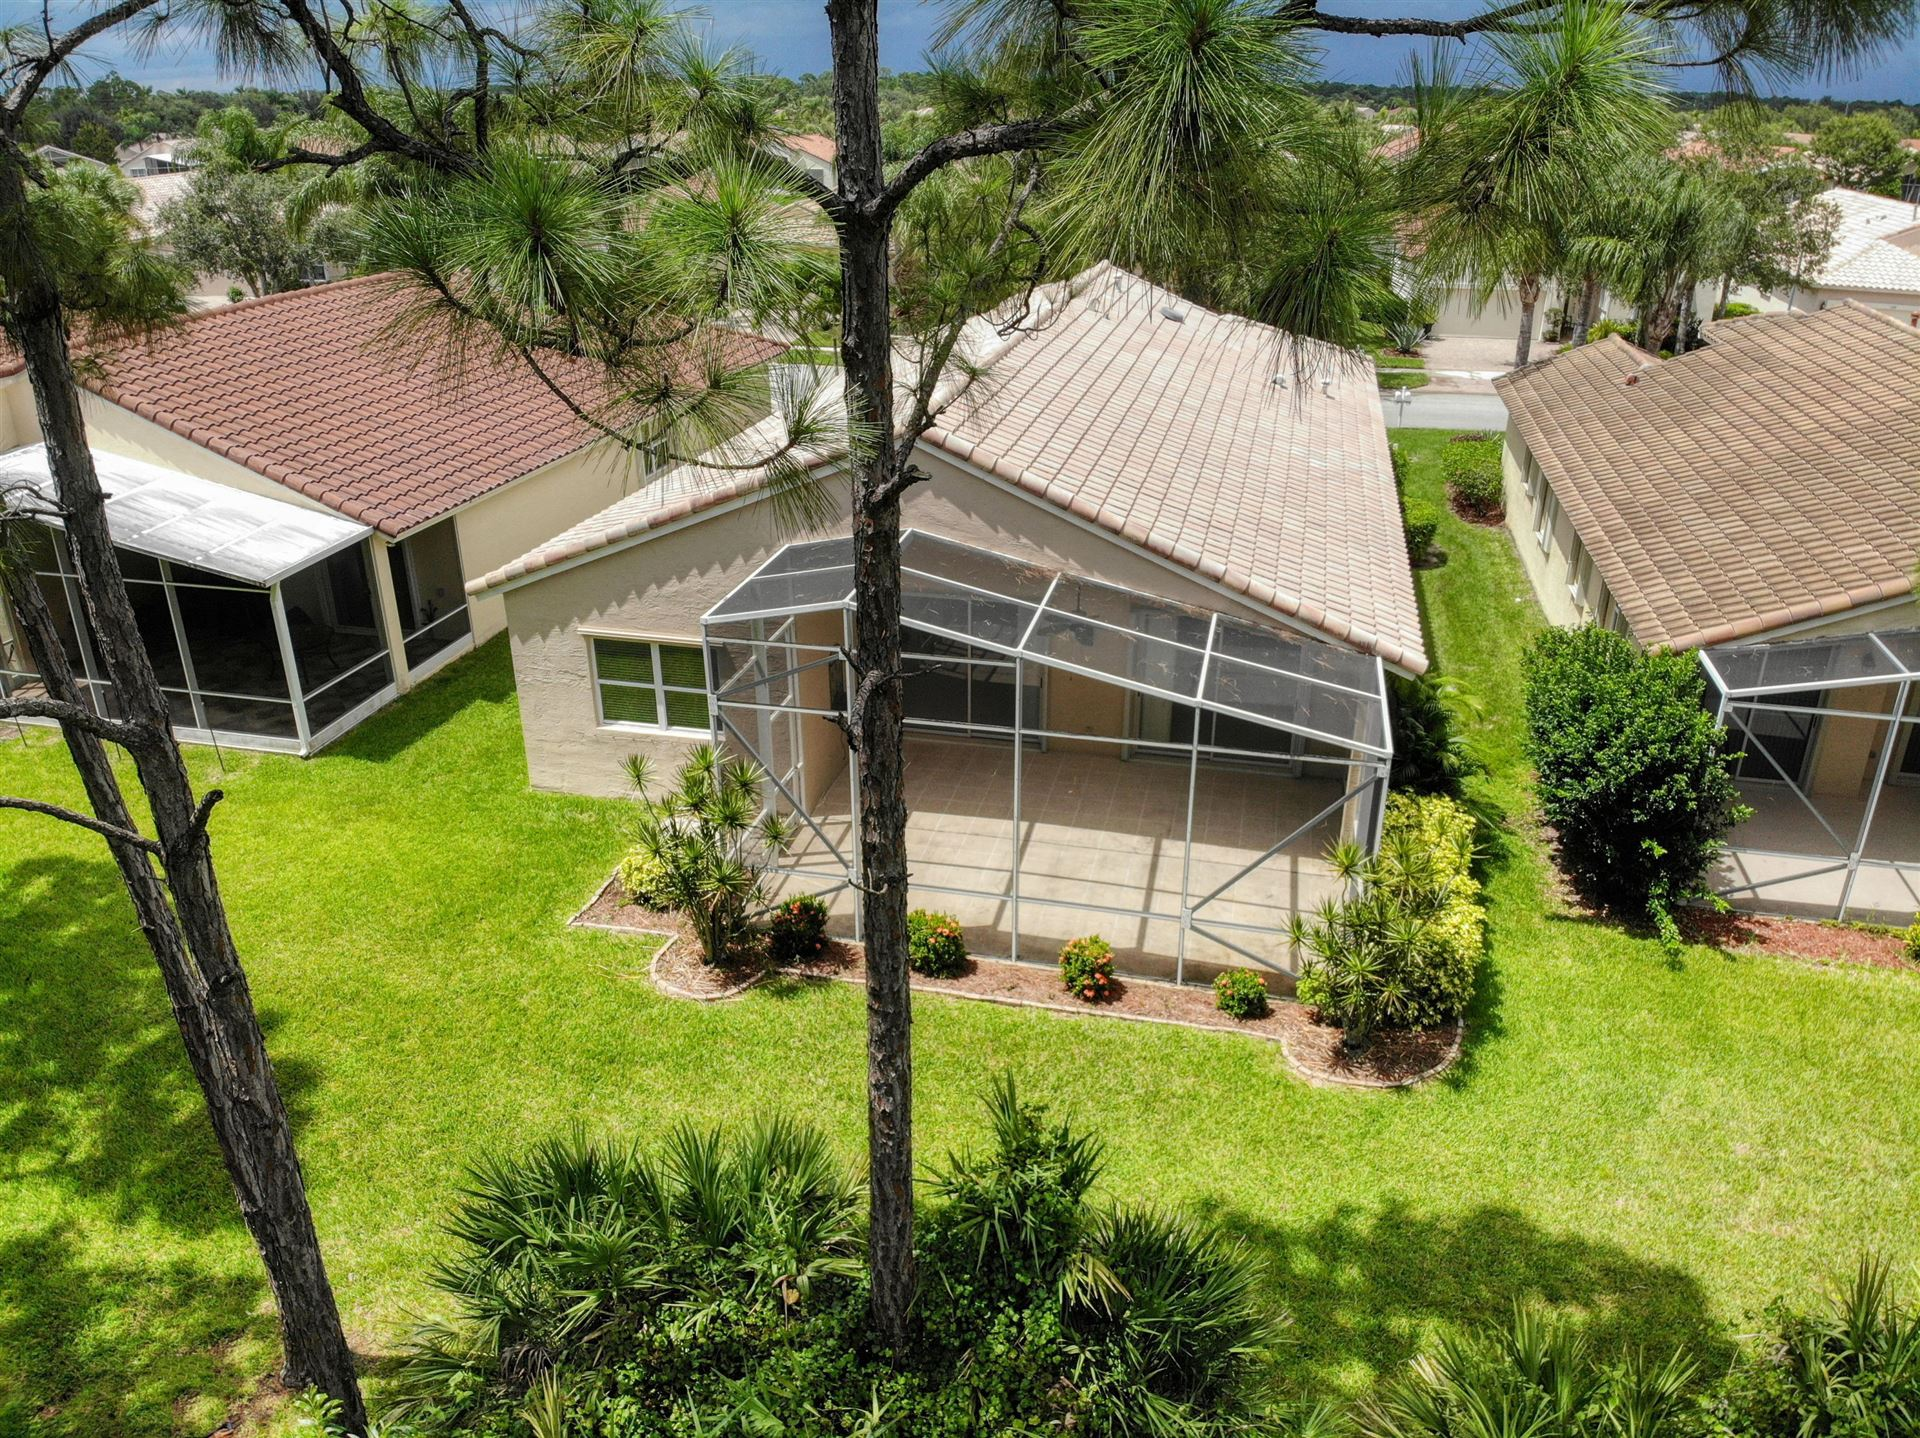 Photo of 337 NW Springview Loop, Port Saint Lucie, FL 34986 (MLS # RX-10646274)